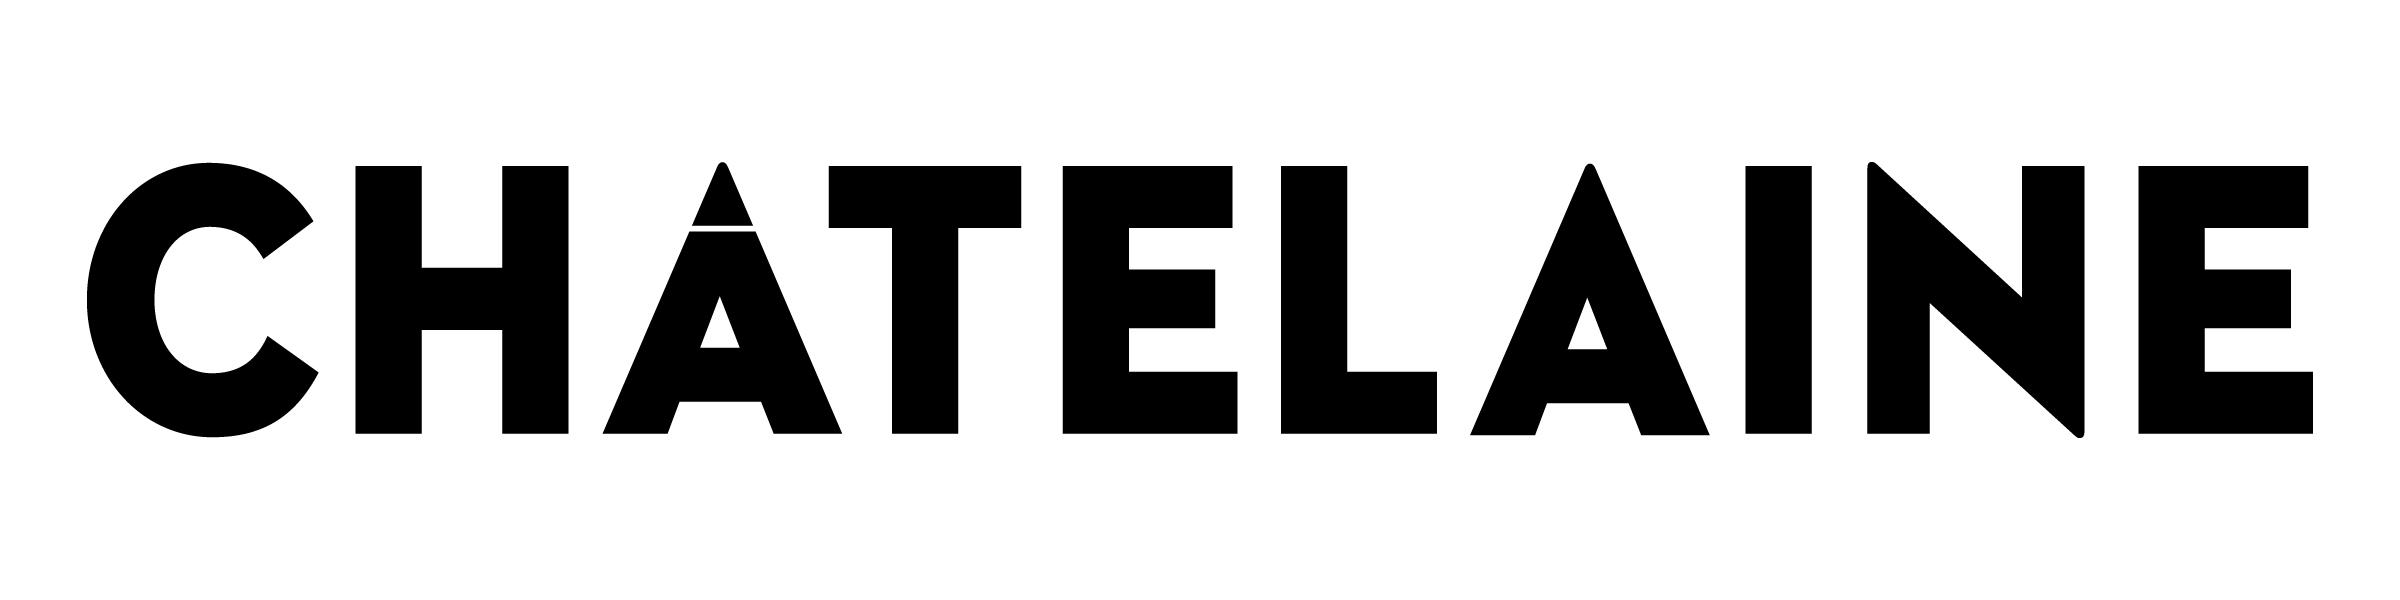 chatelaine-logo-black1.jpg